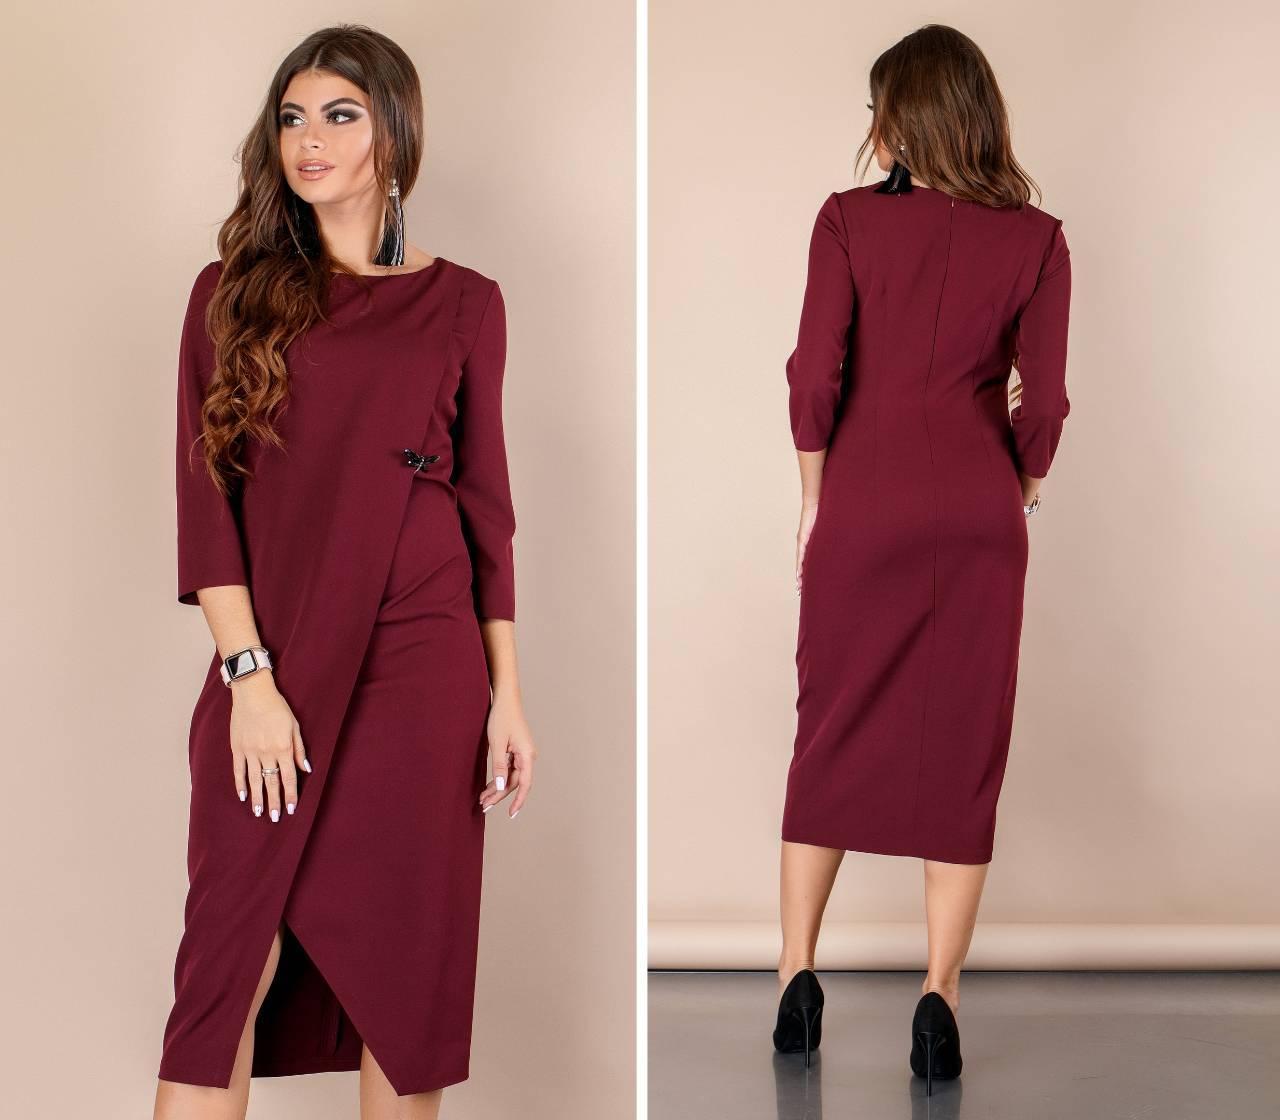 Платье женское на запах, модель 131, цвет - бордо